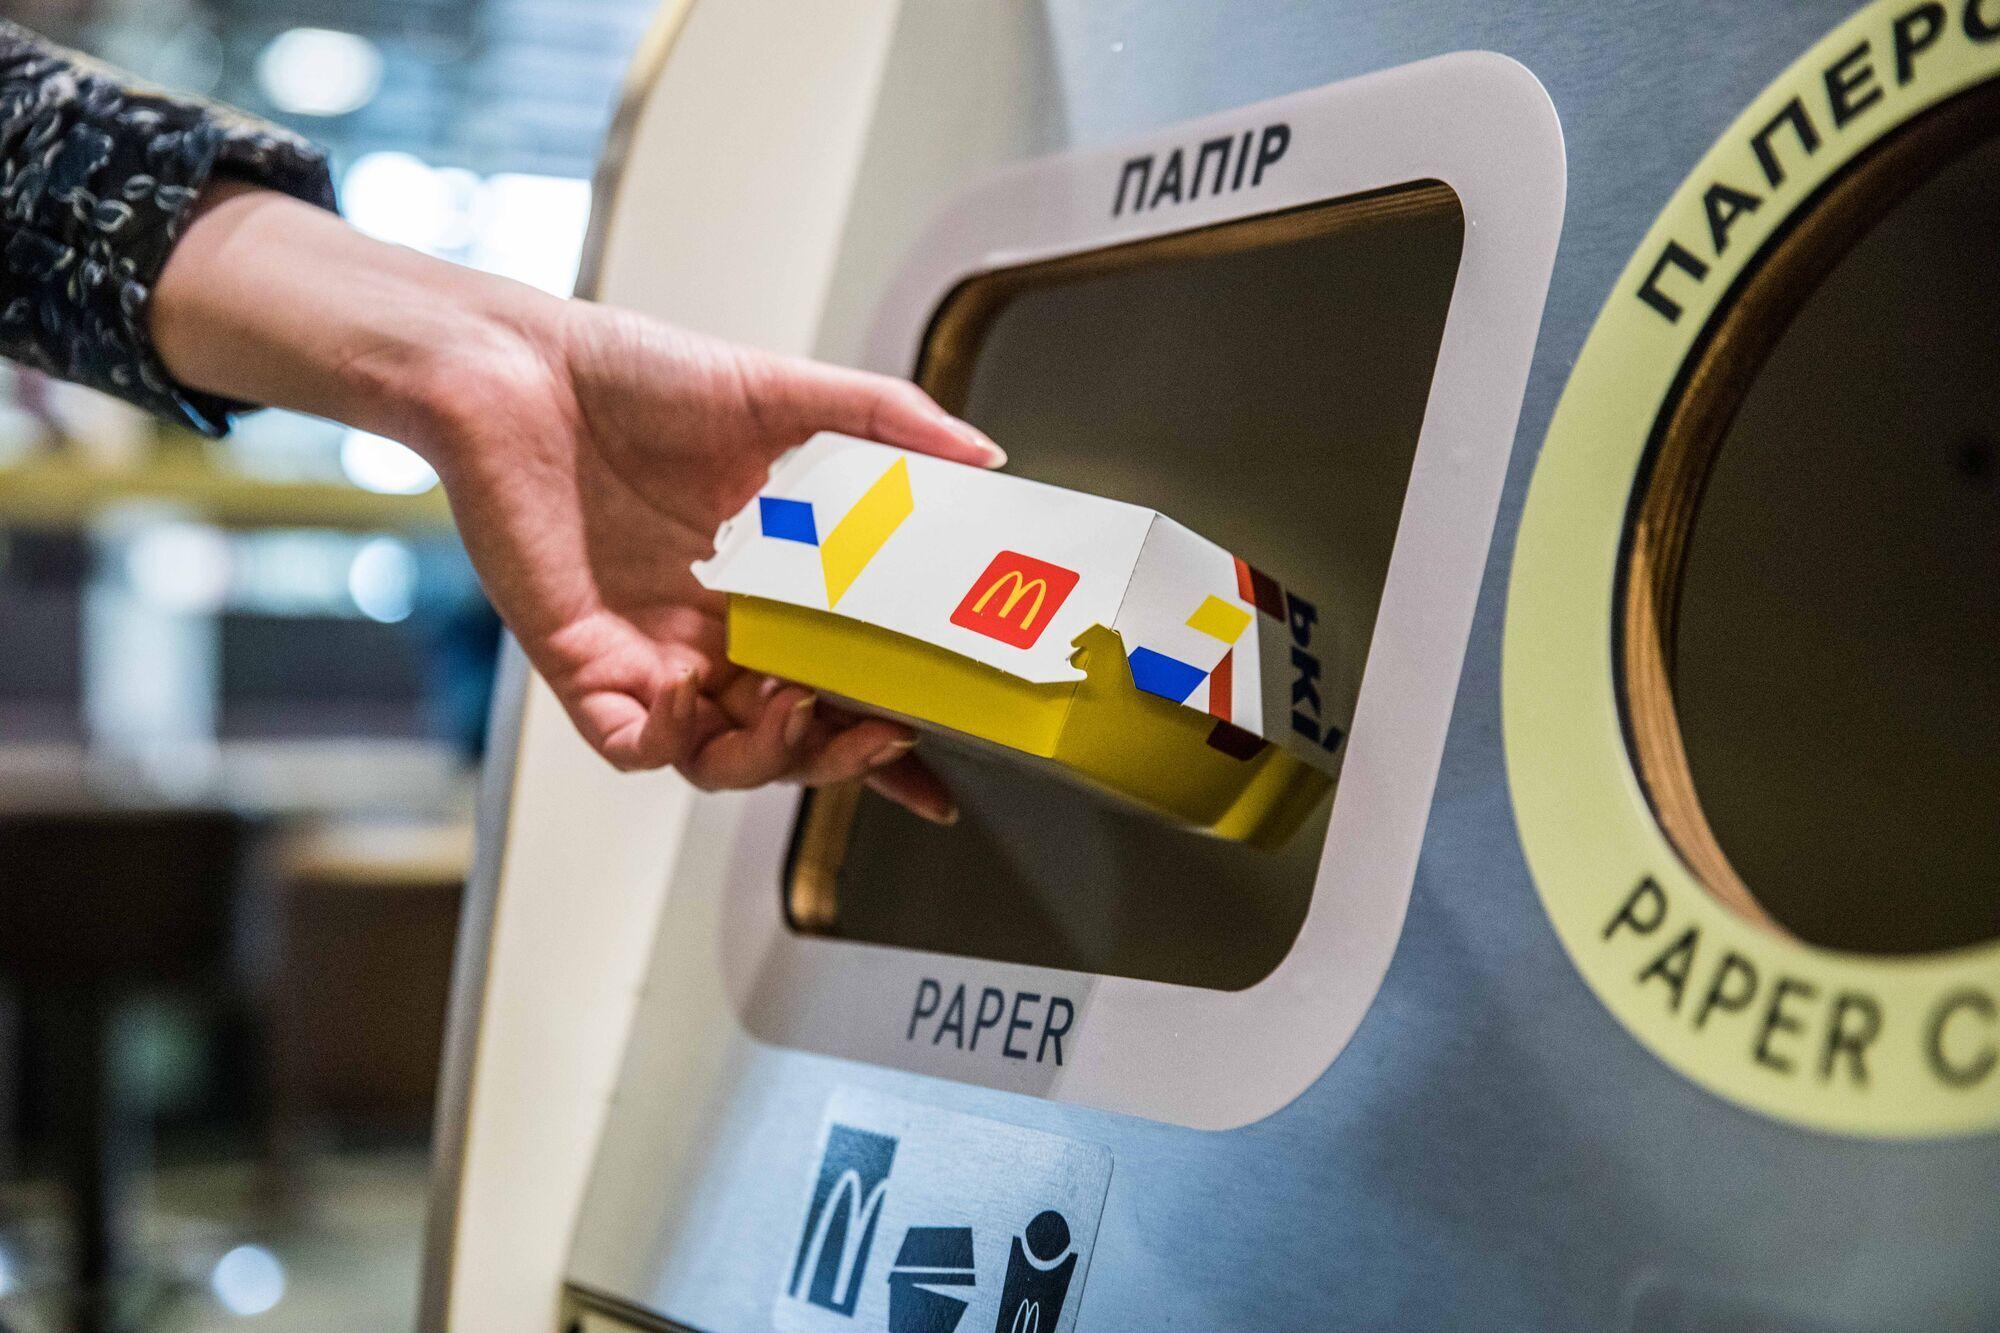 Сортувальна станція для розділення відходів у McDonald's